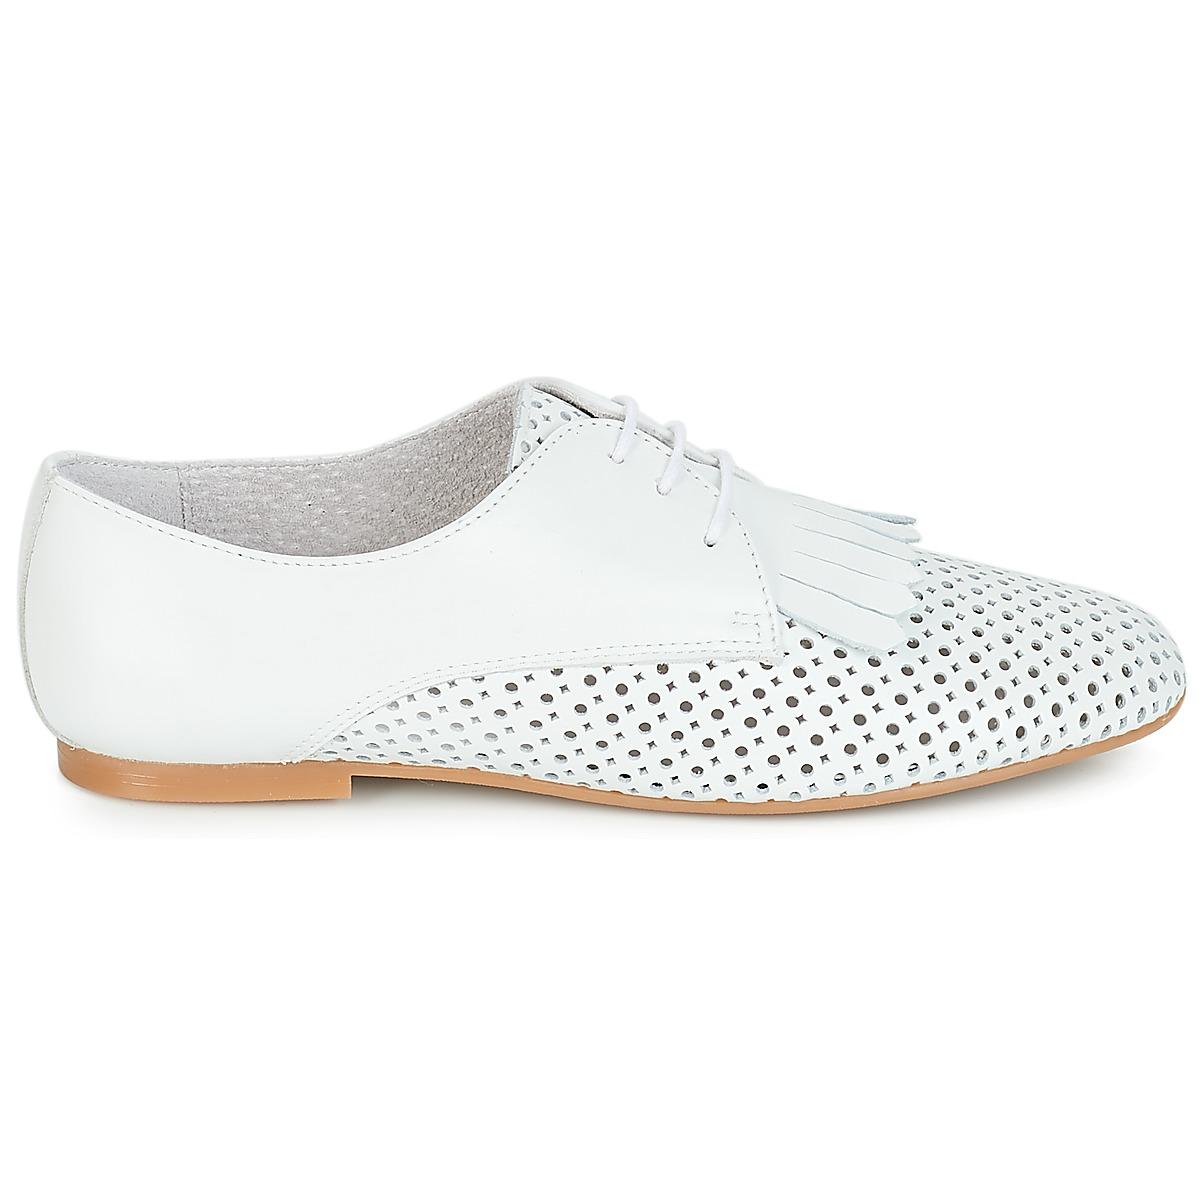 André Delicat Blanc - Livraison Gratuite Chaussures Derbies Femme 63,20 €